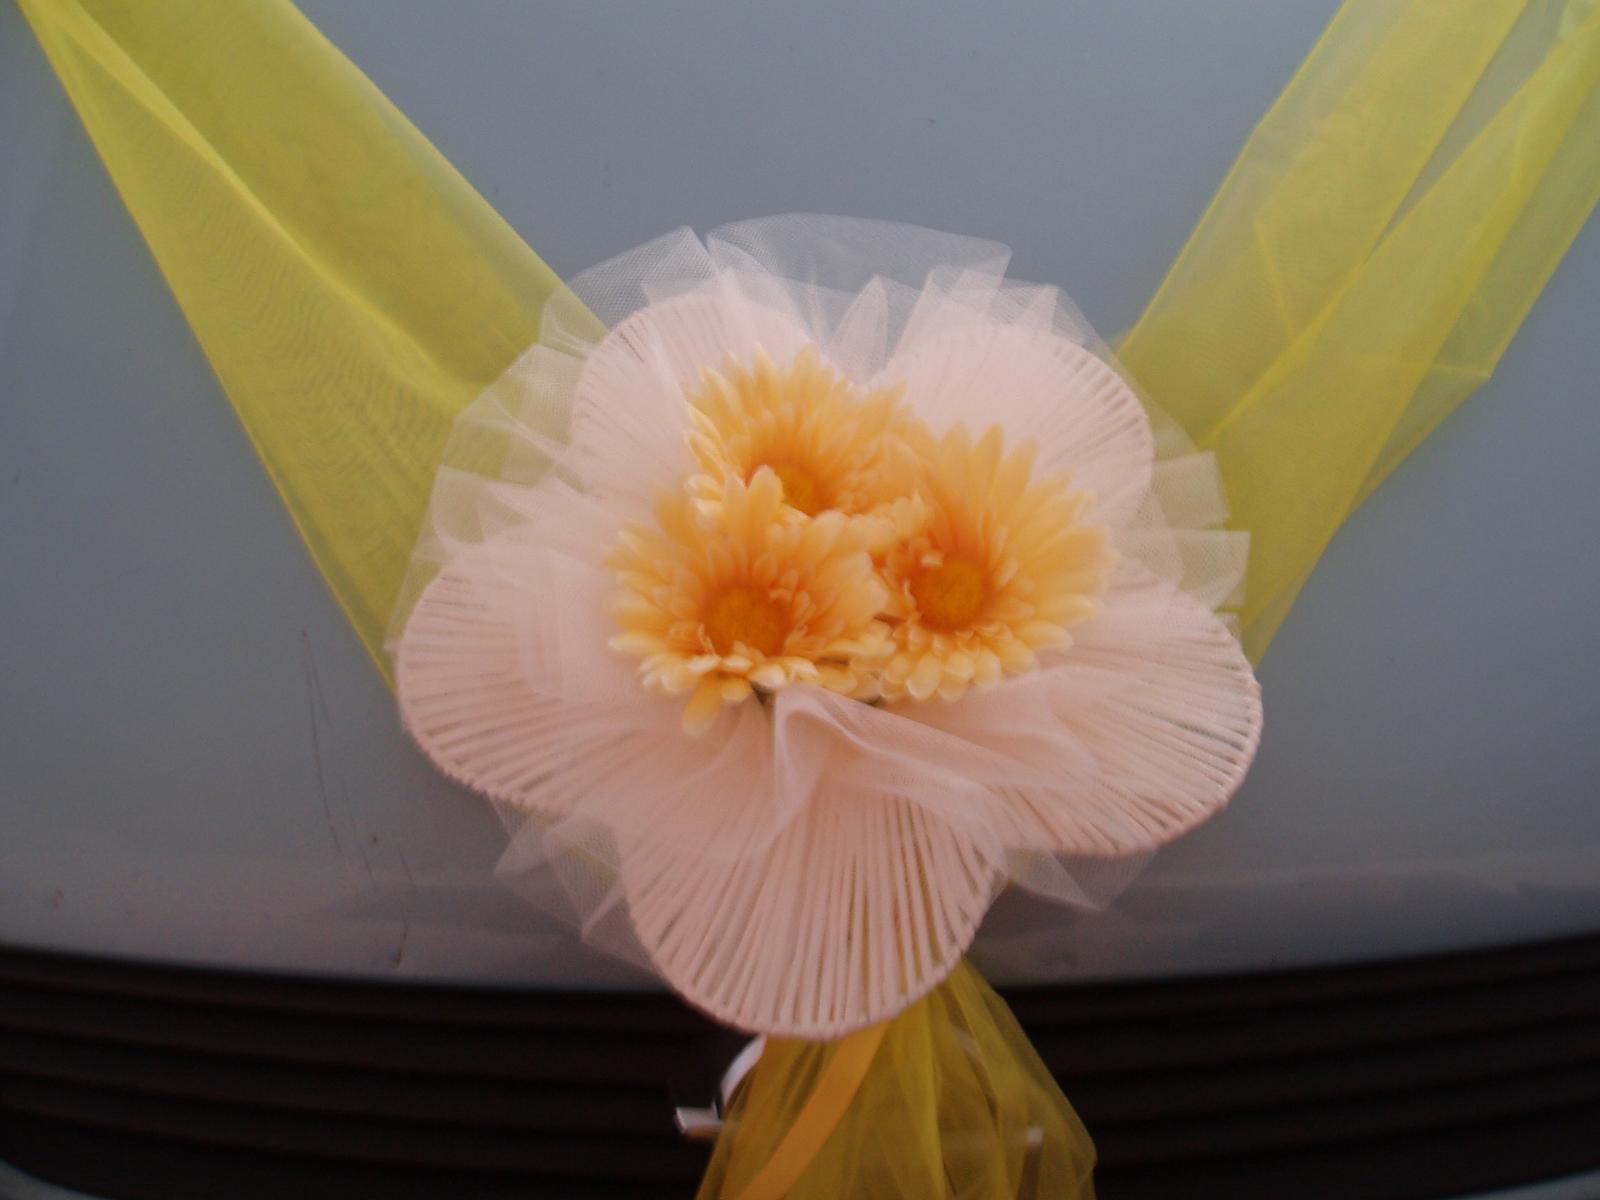 šerpa na auto-žlutá 2 - Obrázek č. 1